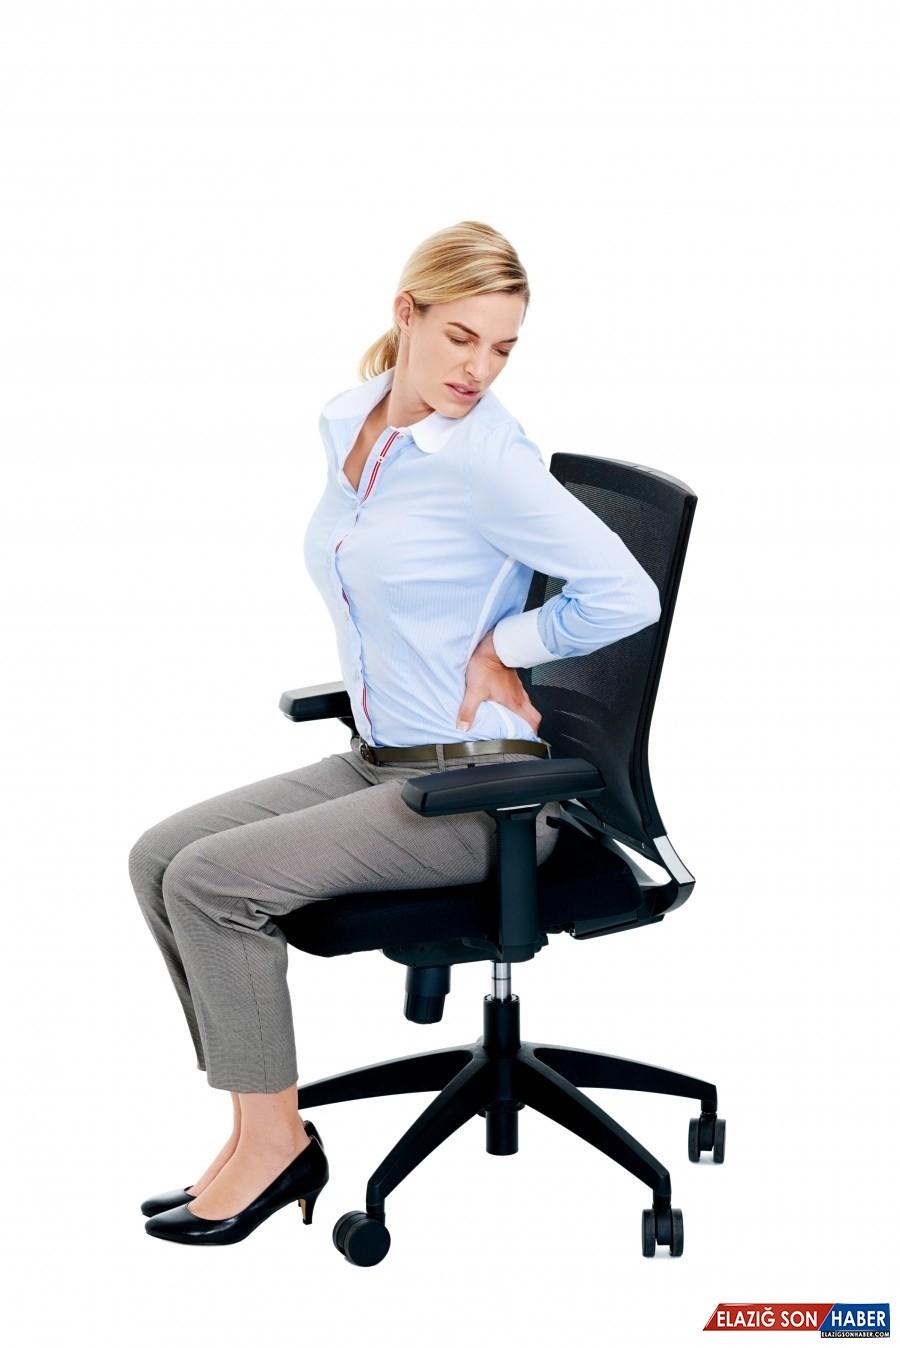 Hareketsizlik ortopedik sorunlara yol açıyor